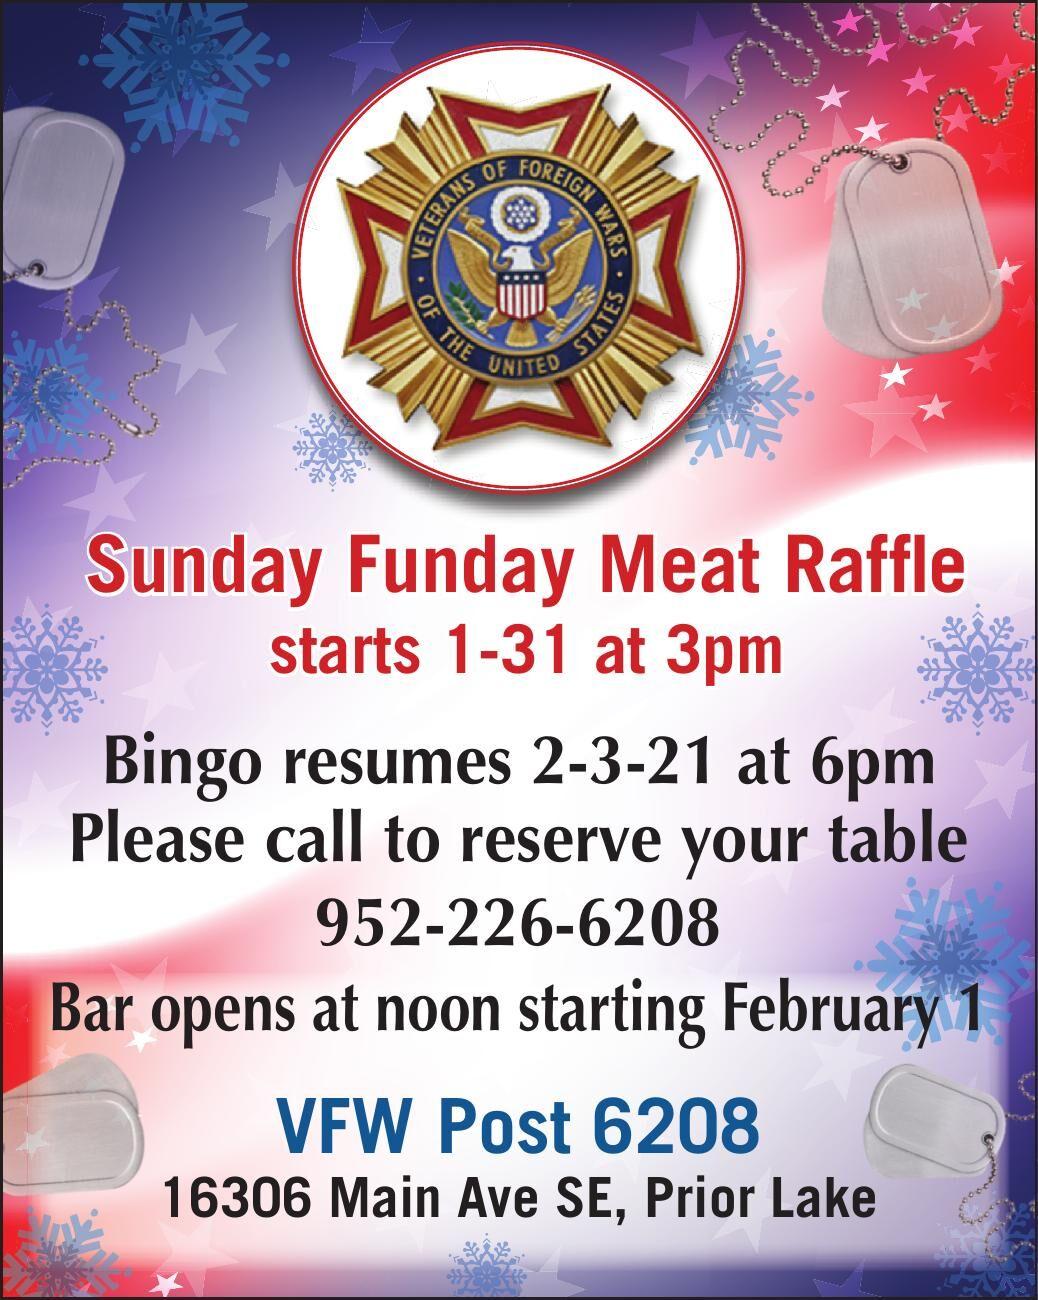 Sunday Funday Meat Raffle starts 1-31